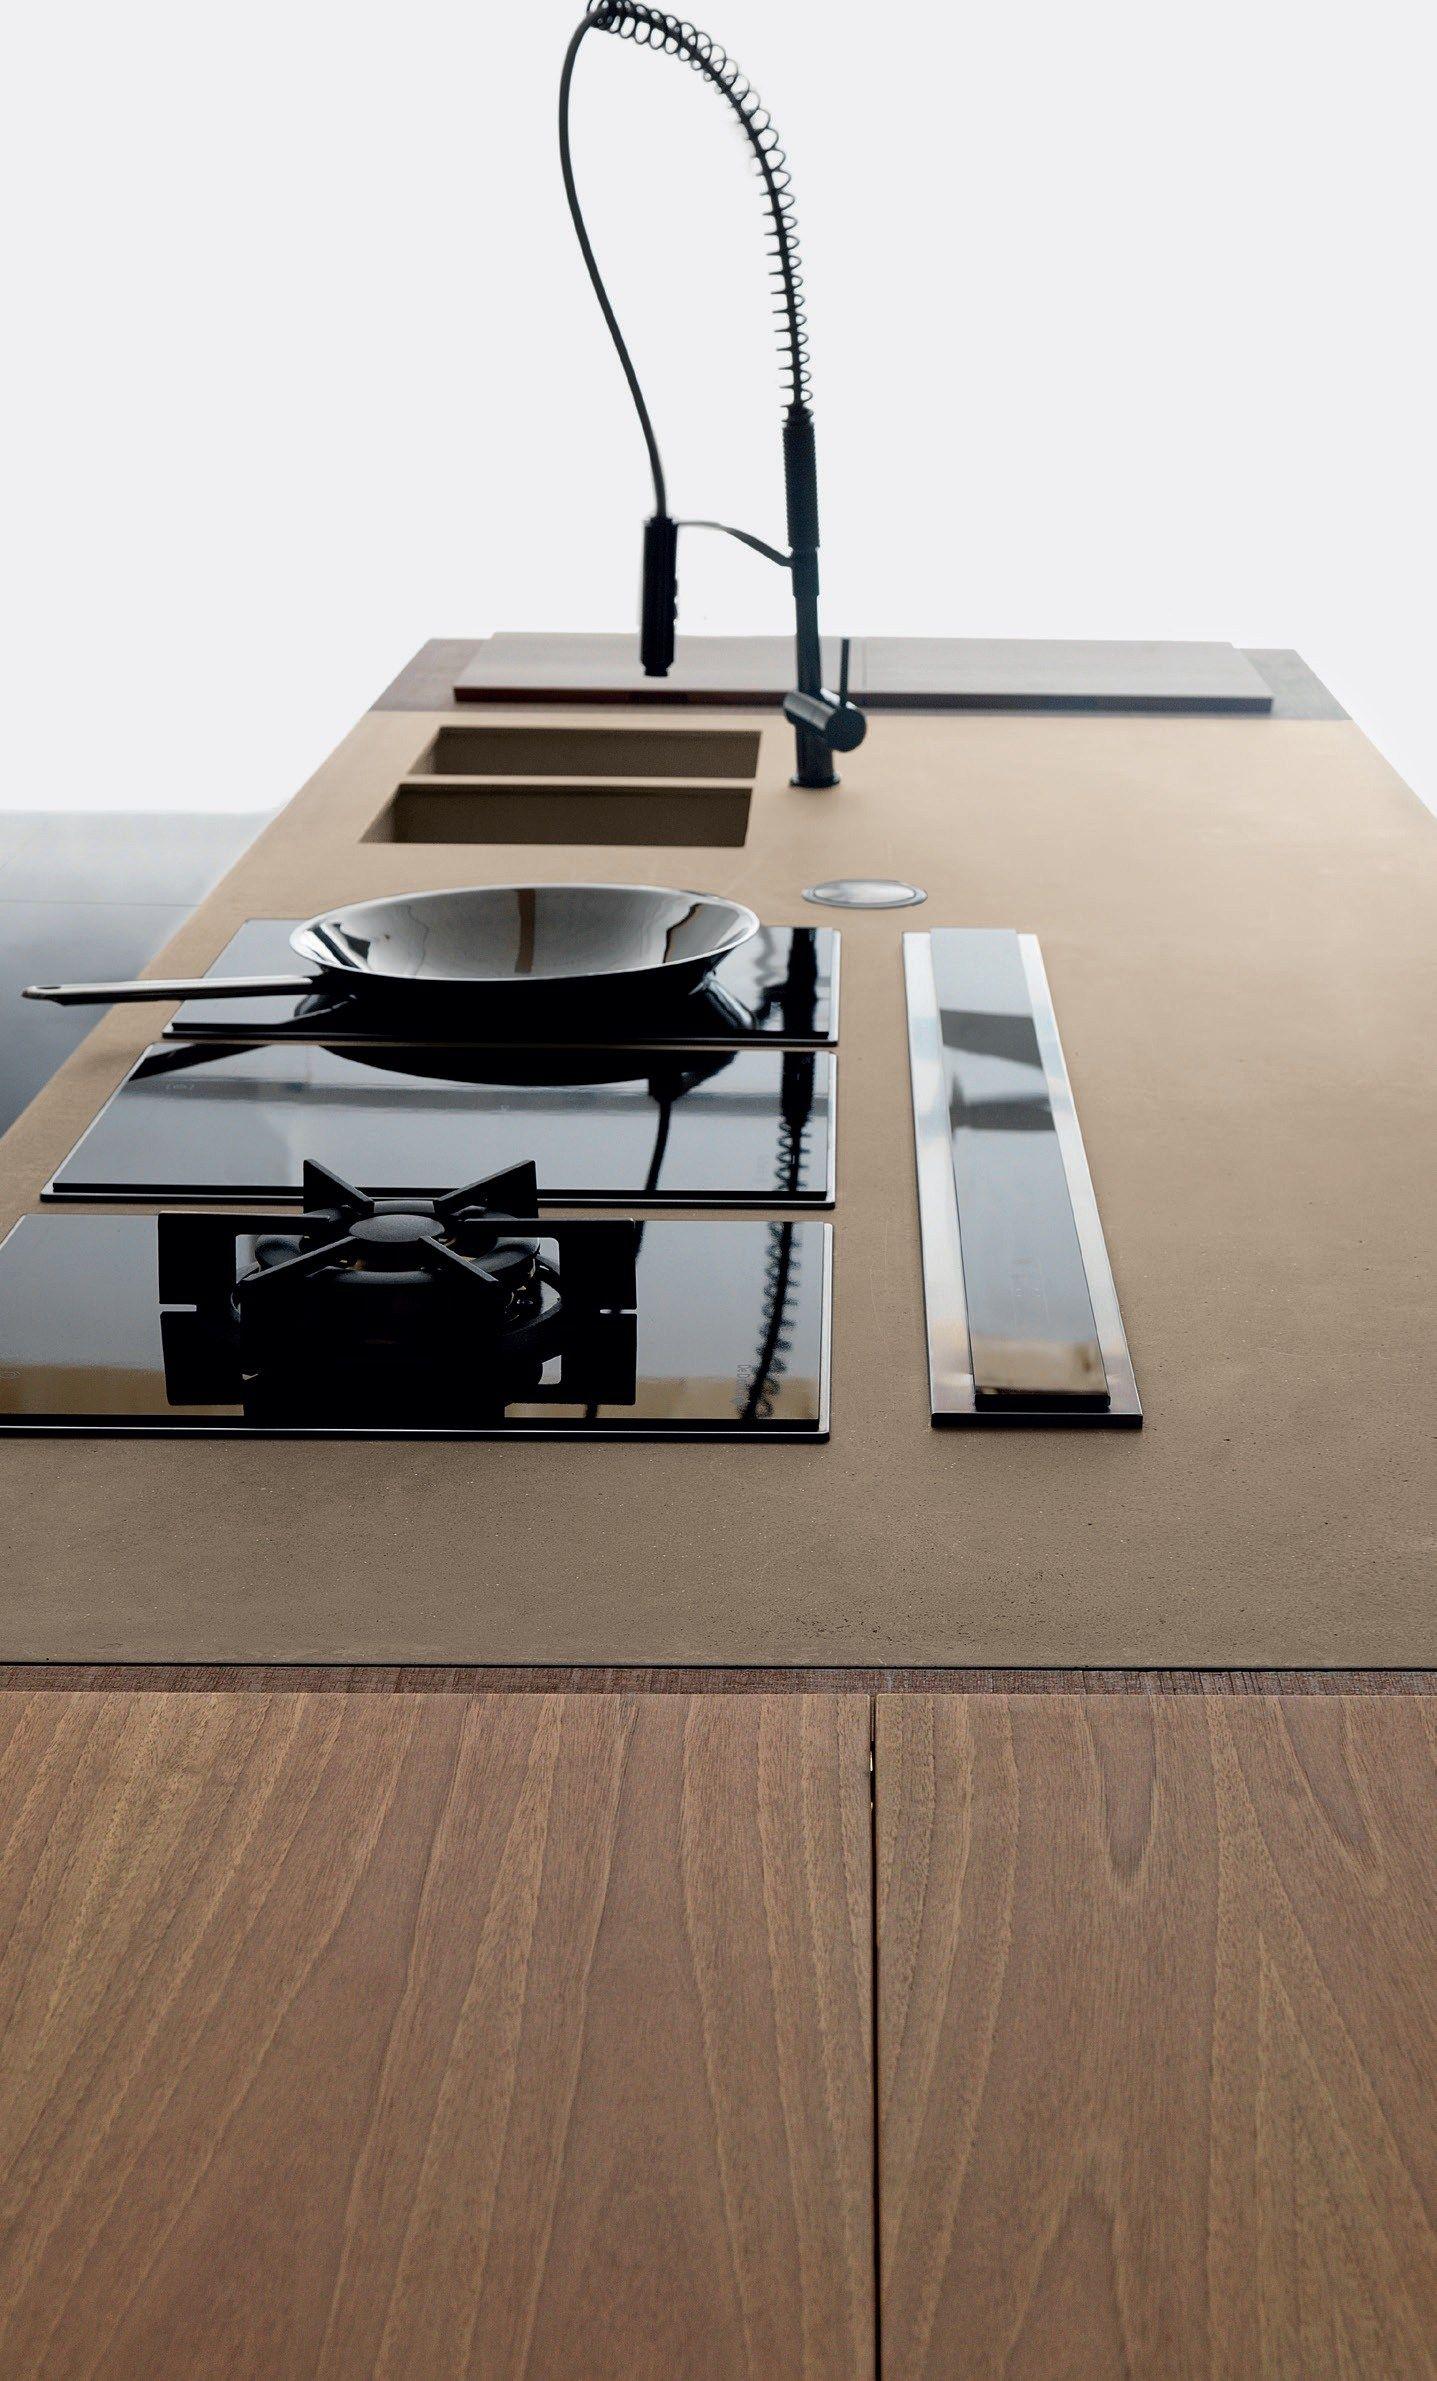 Toncelli Cucine   espacio interior   Pinterest   Cocinas, Cocina ...